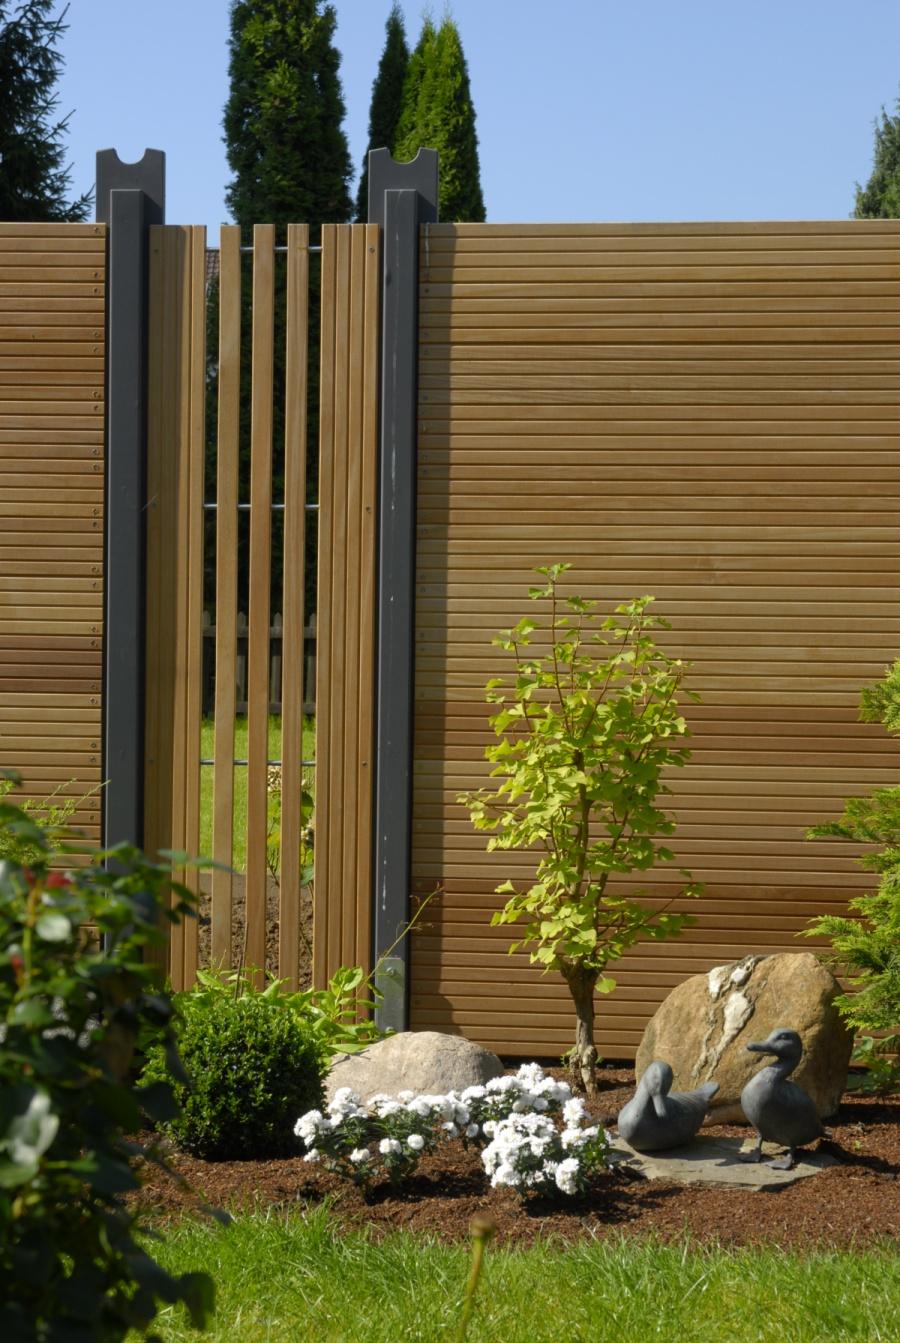 Holzarbeiten menzel garten und landschaftsbau for Terrassengestaltung holz